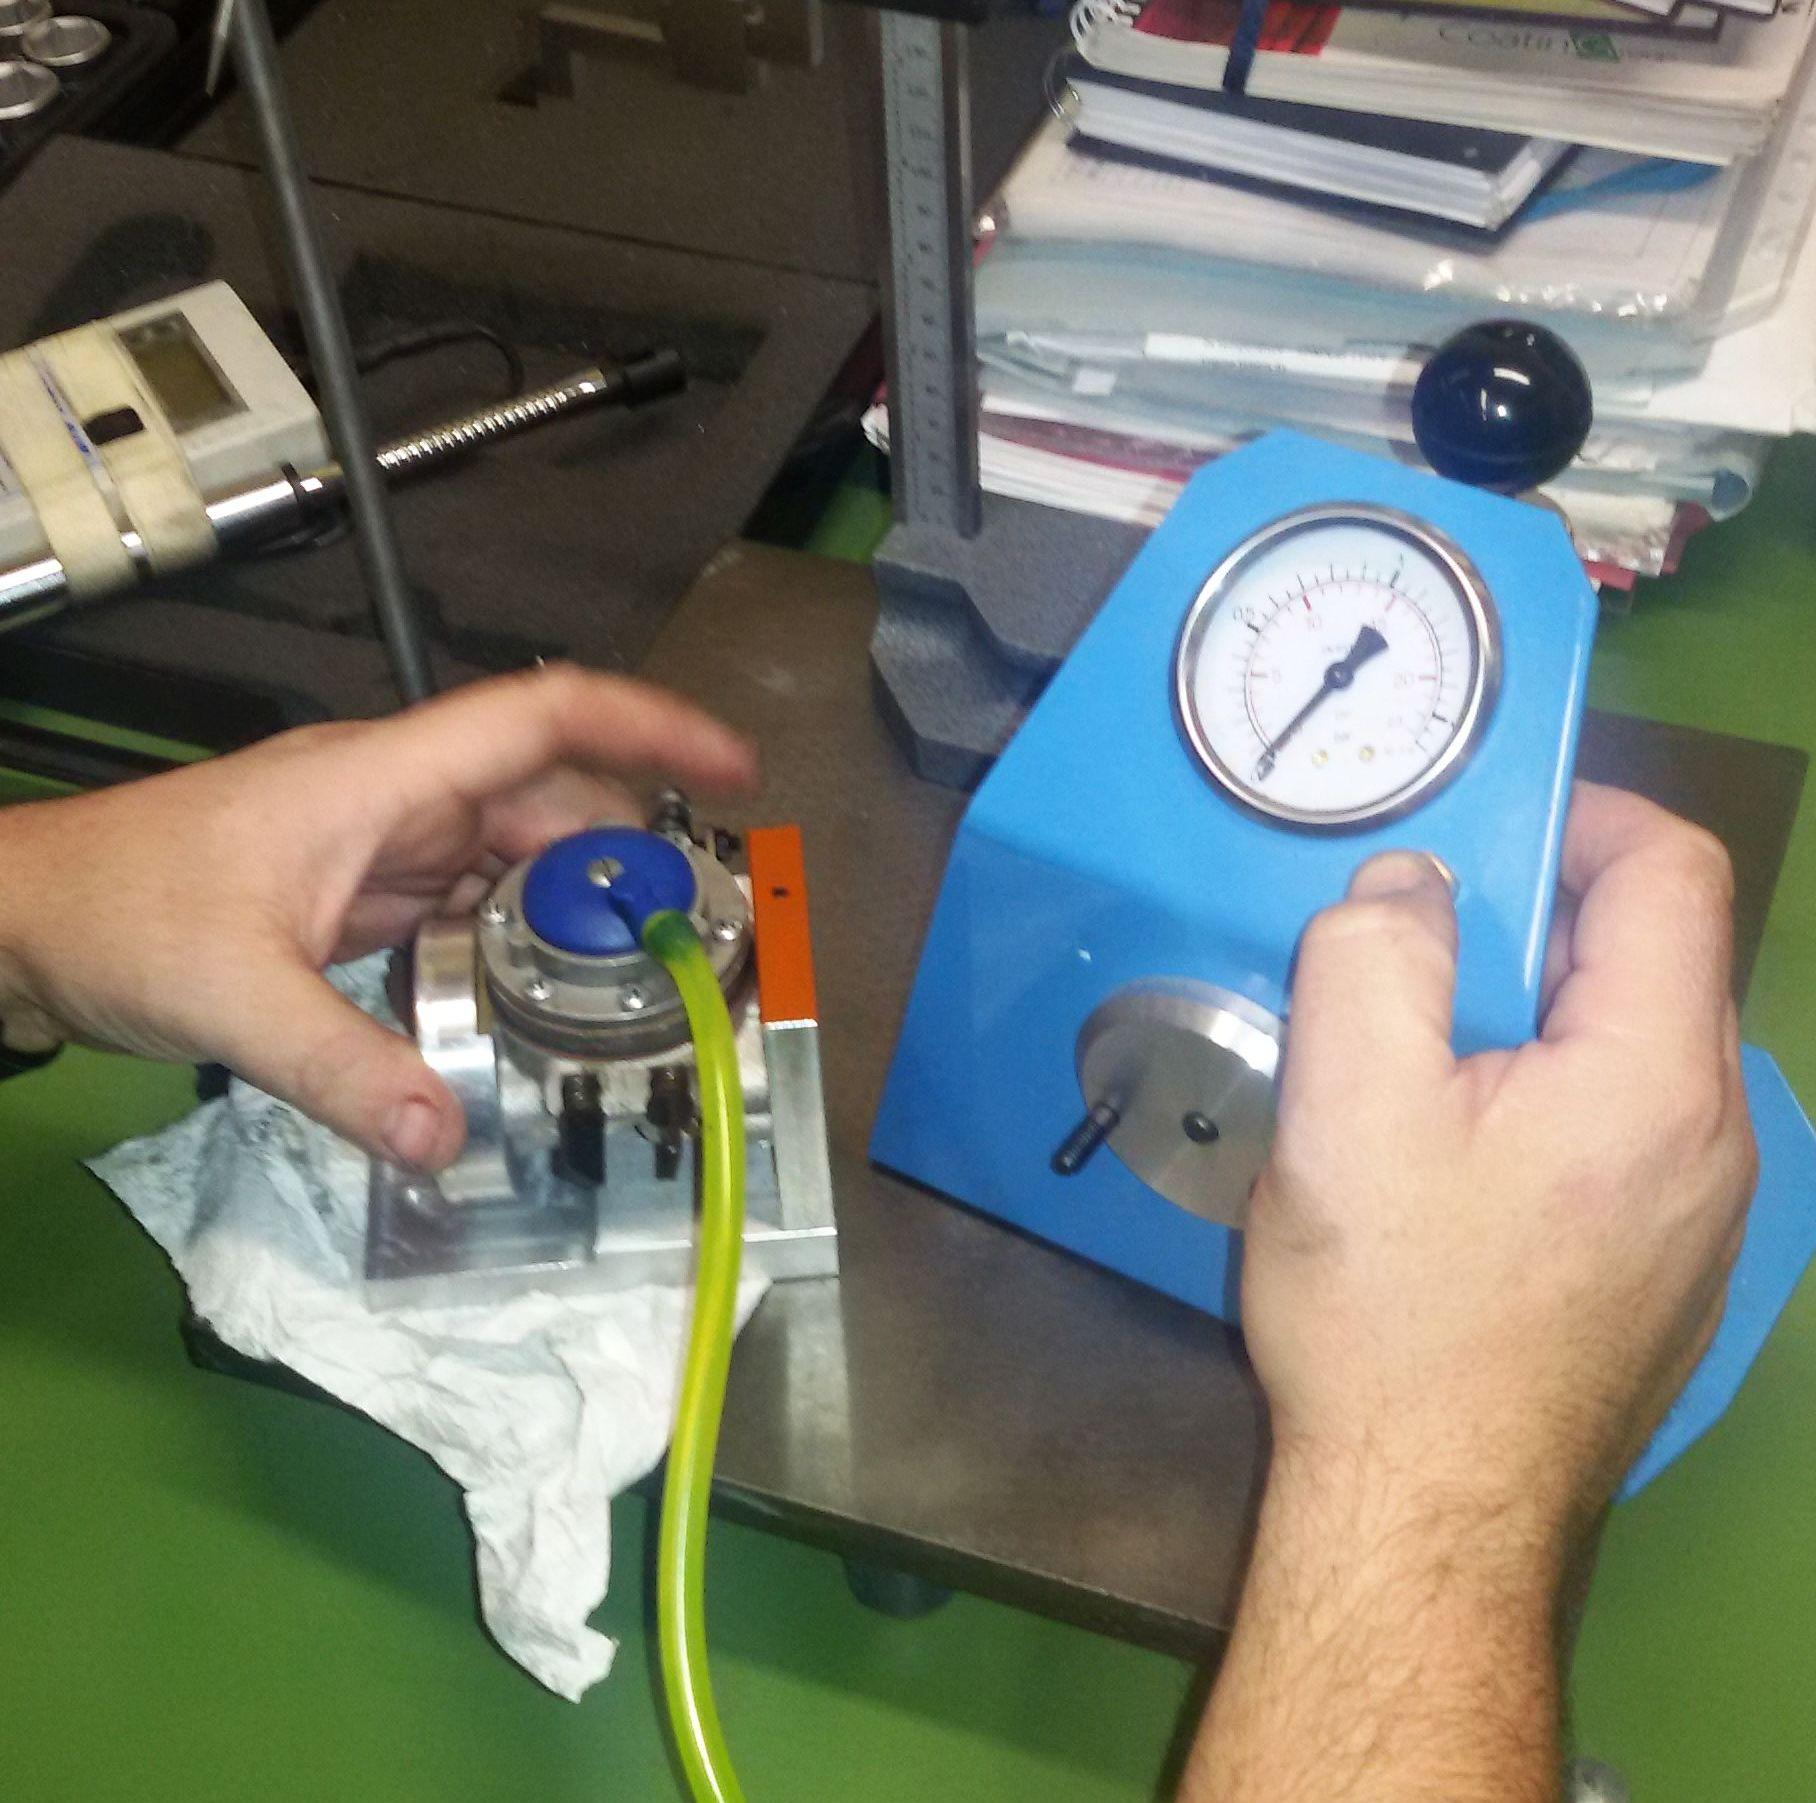 Test pressione2